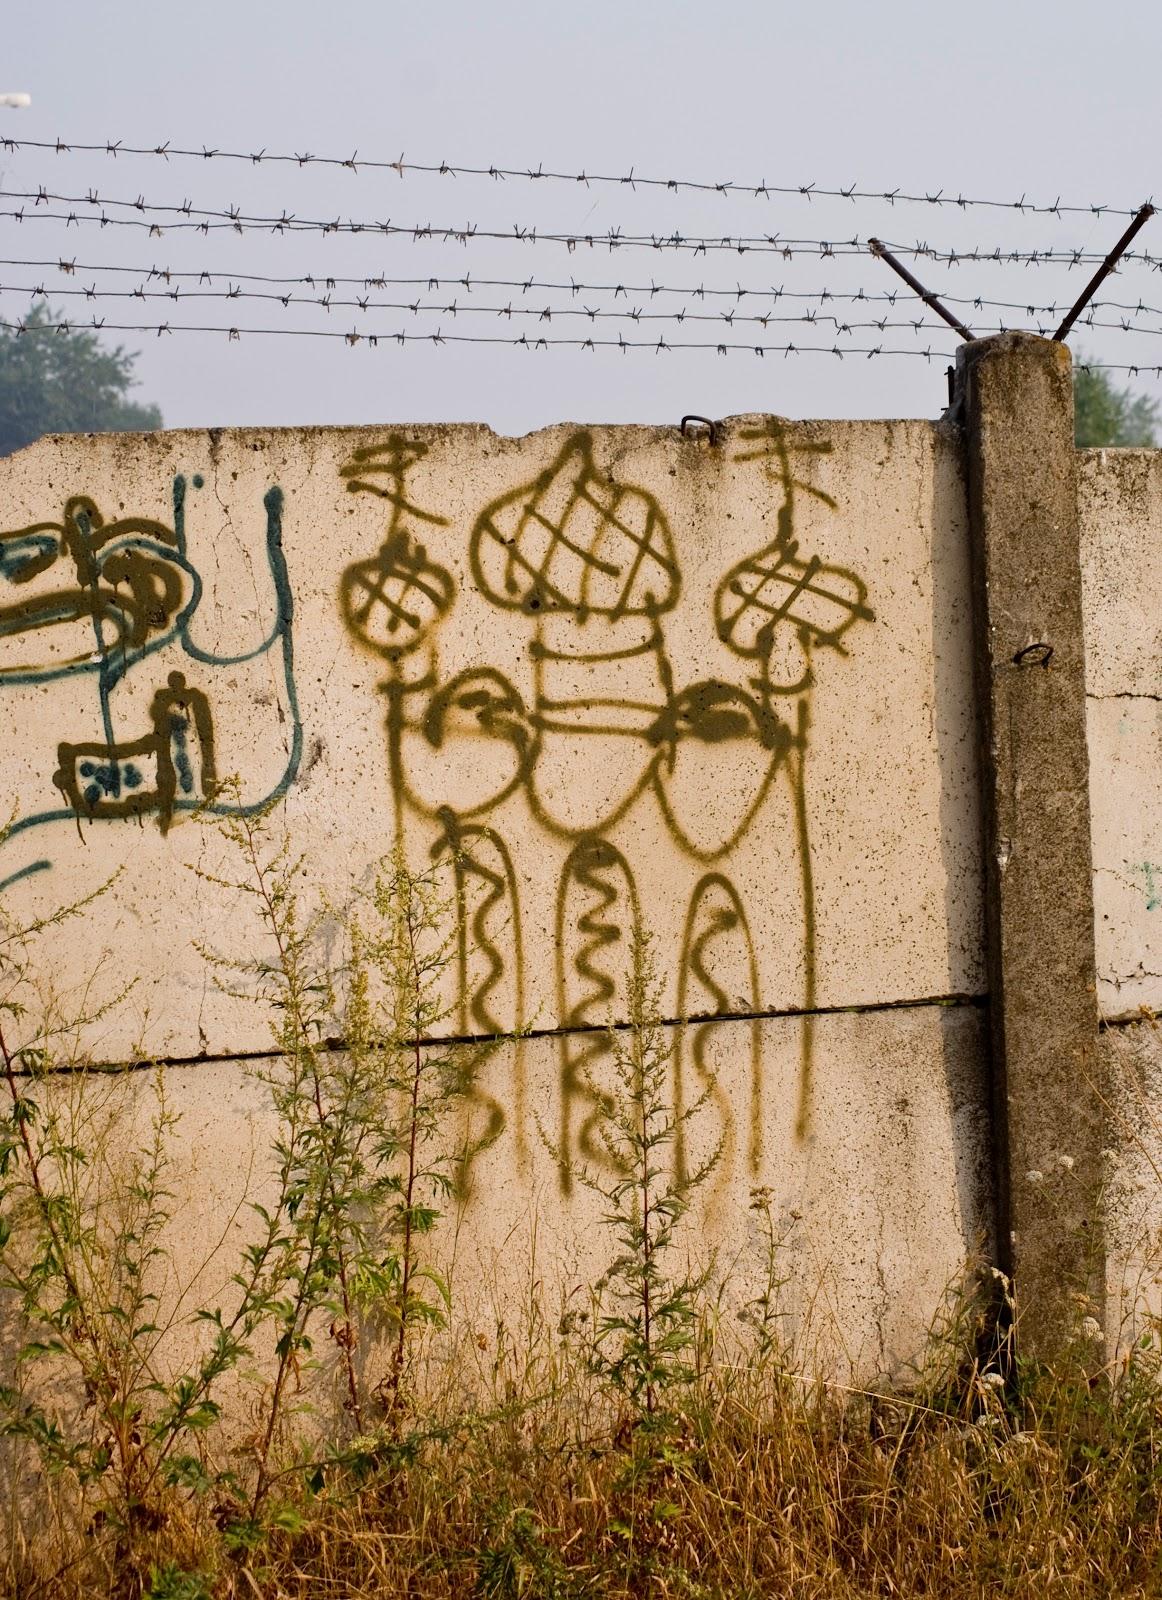 заборная живопись из баллончика: